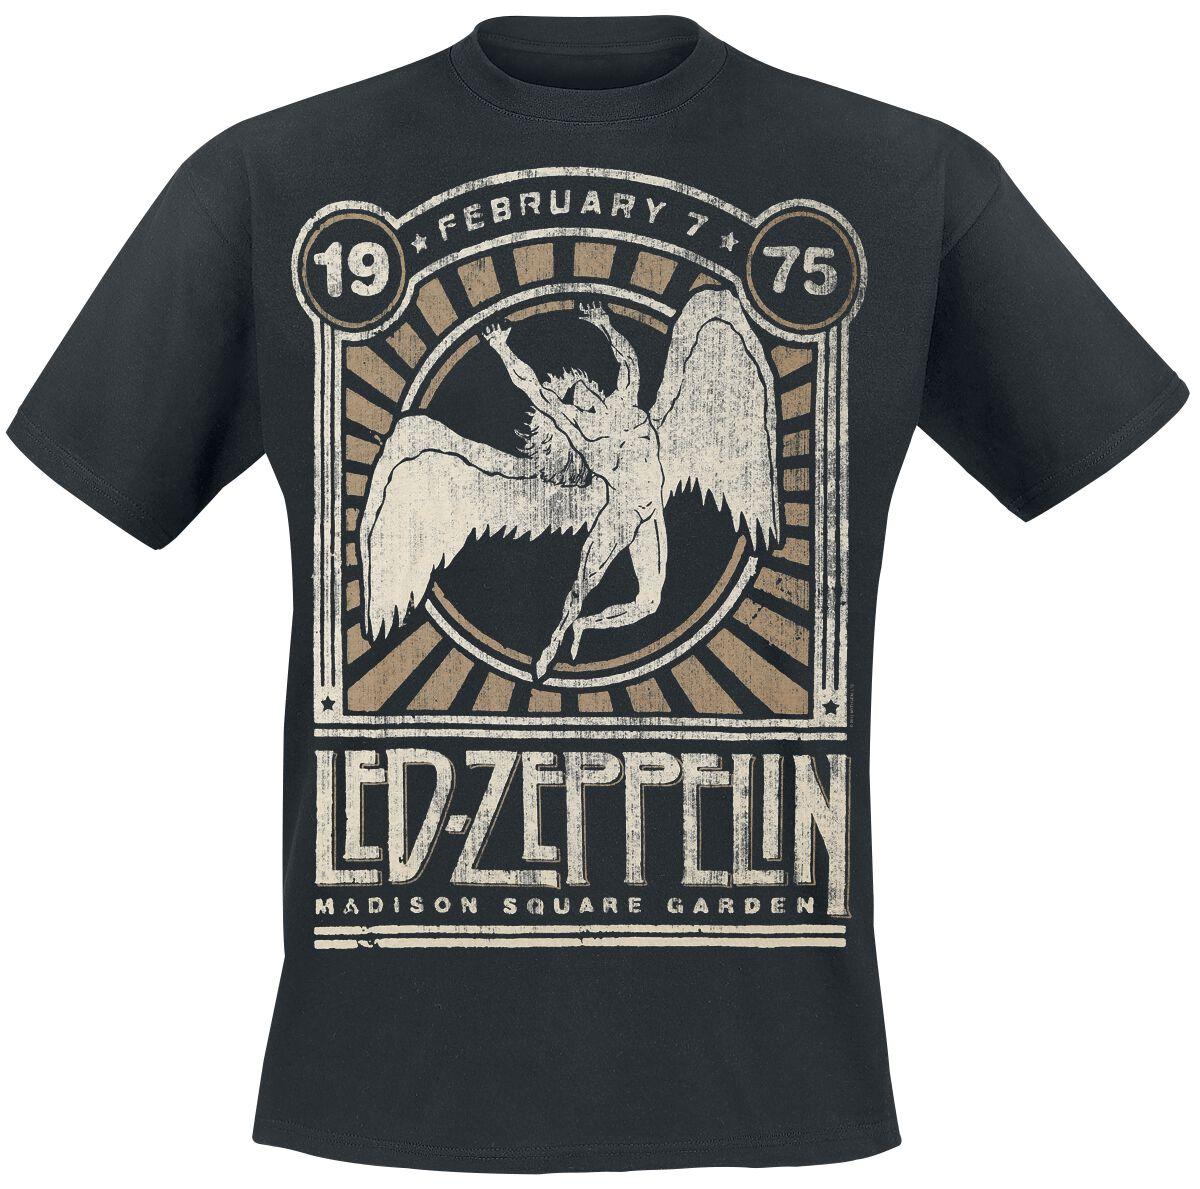 Madison Square Garden 1975 Led Zeppelin T Shirt Emp